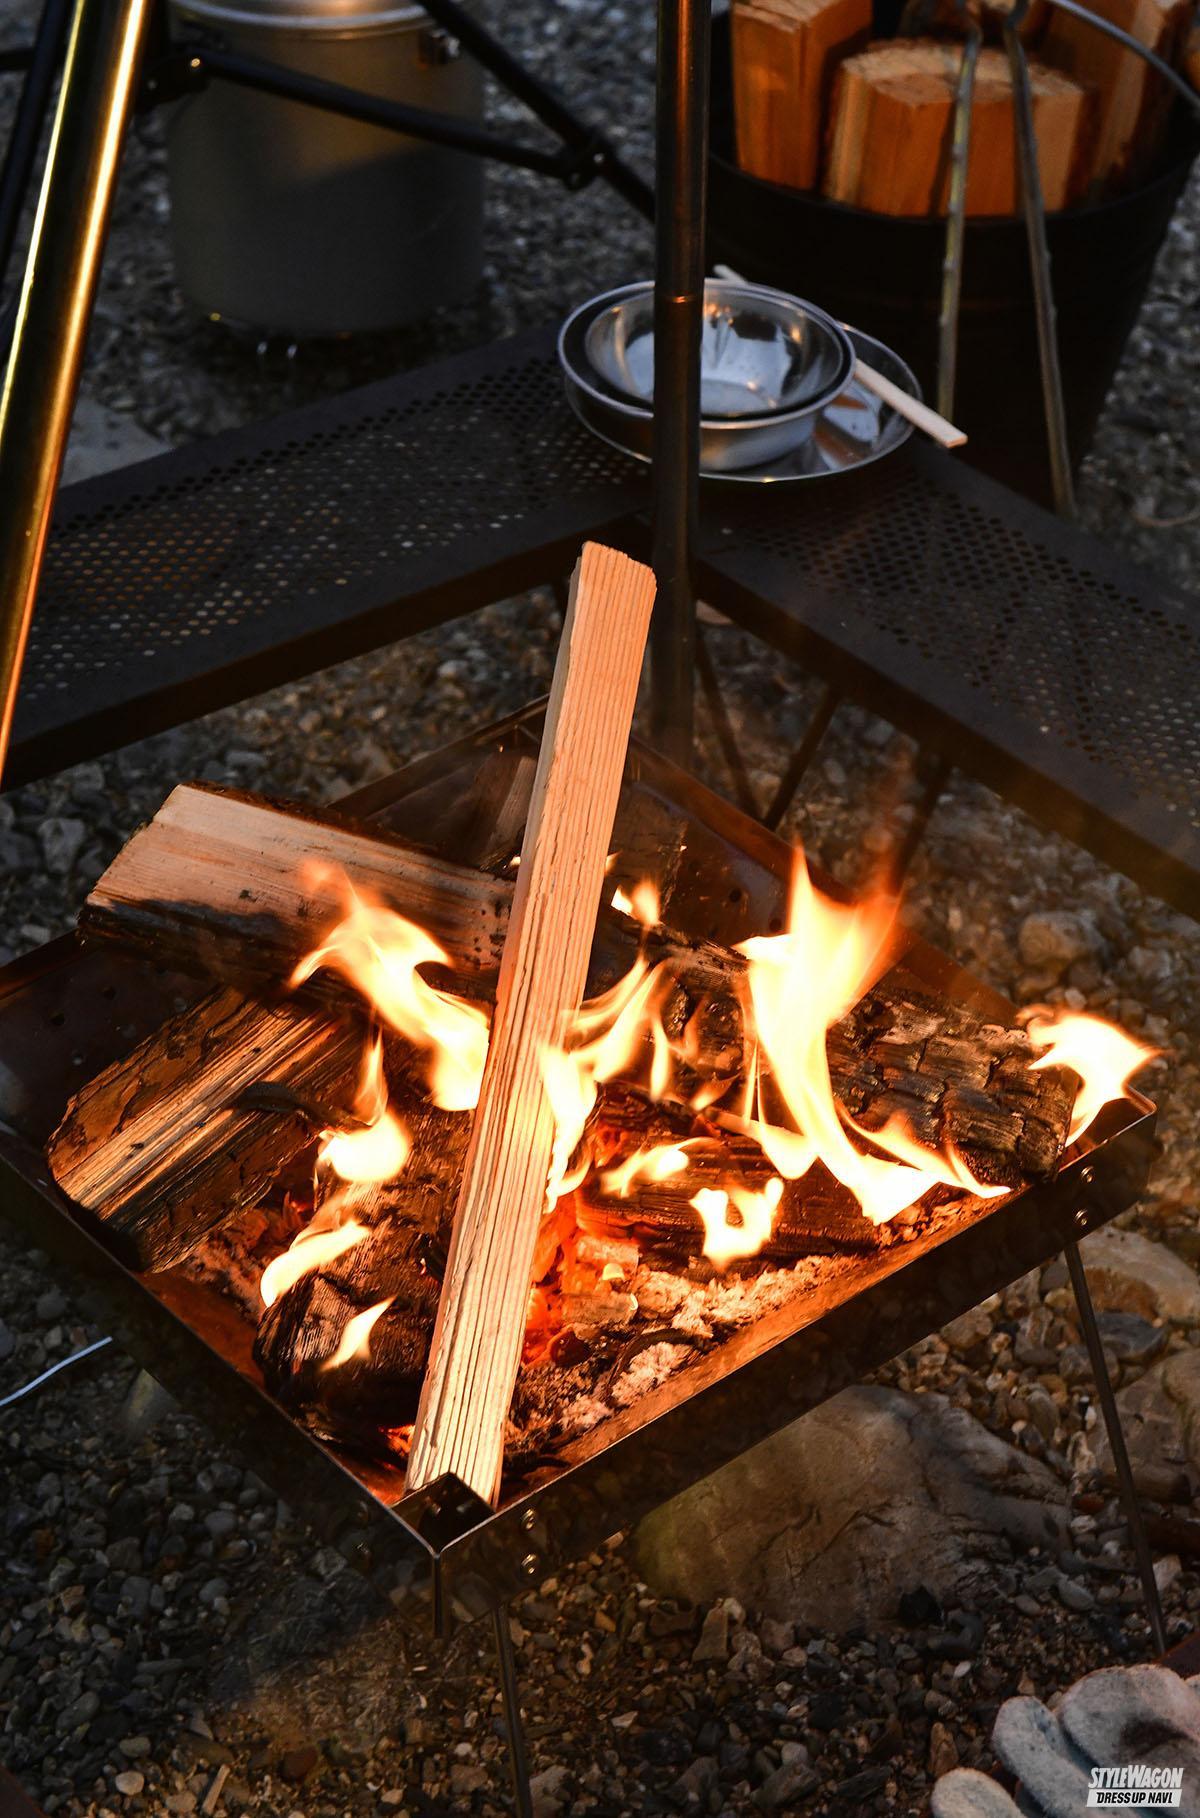 「【羨ましい! ジムニーのある生活_男のキャンプ】森の中で日常を忘れうまい料理を食らい笑う」の2枚めの画像